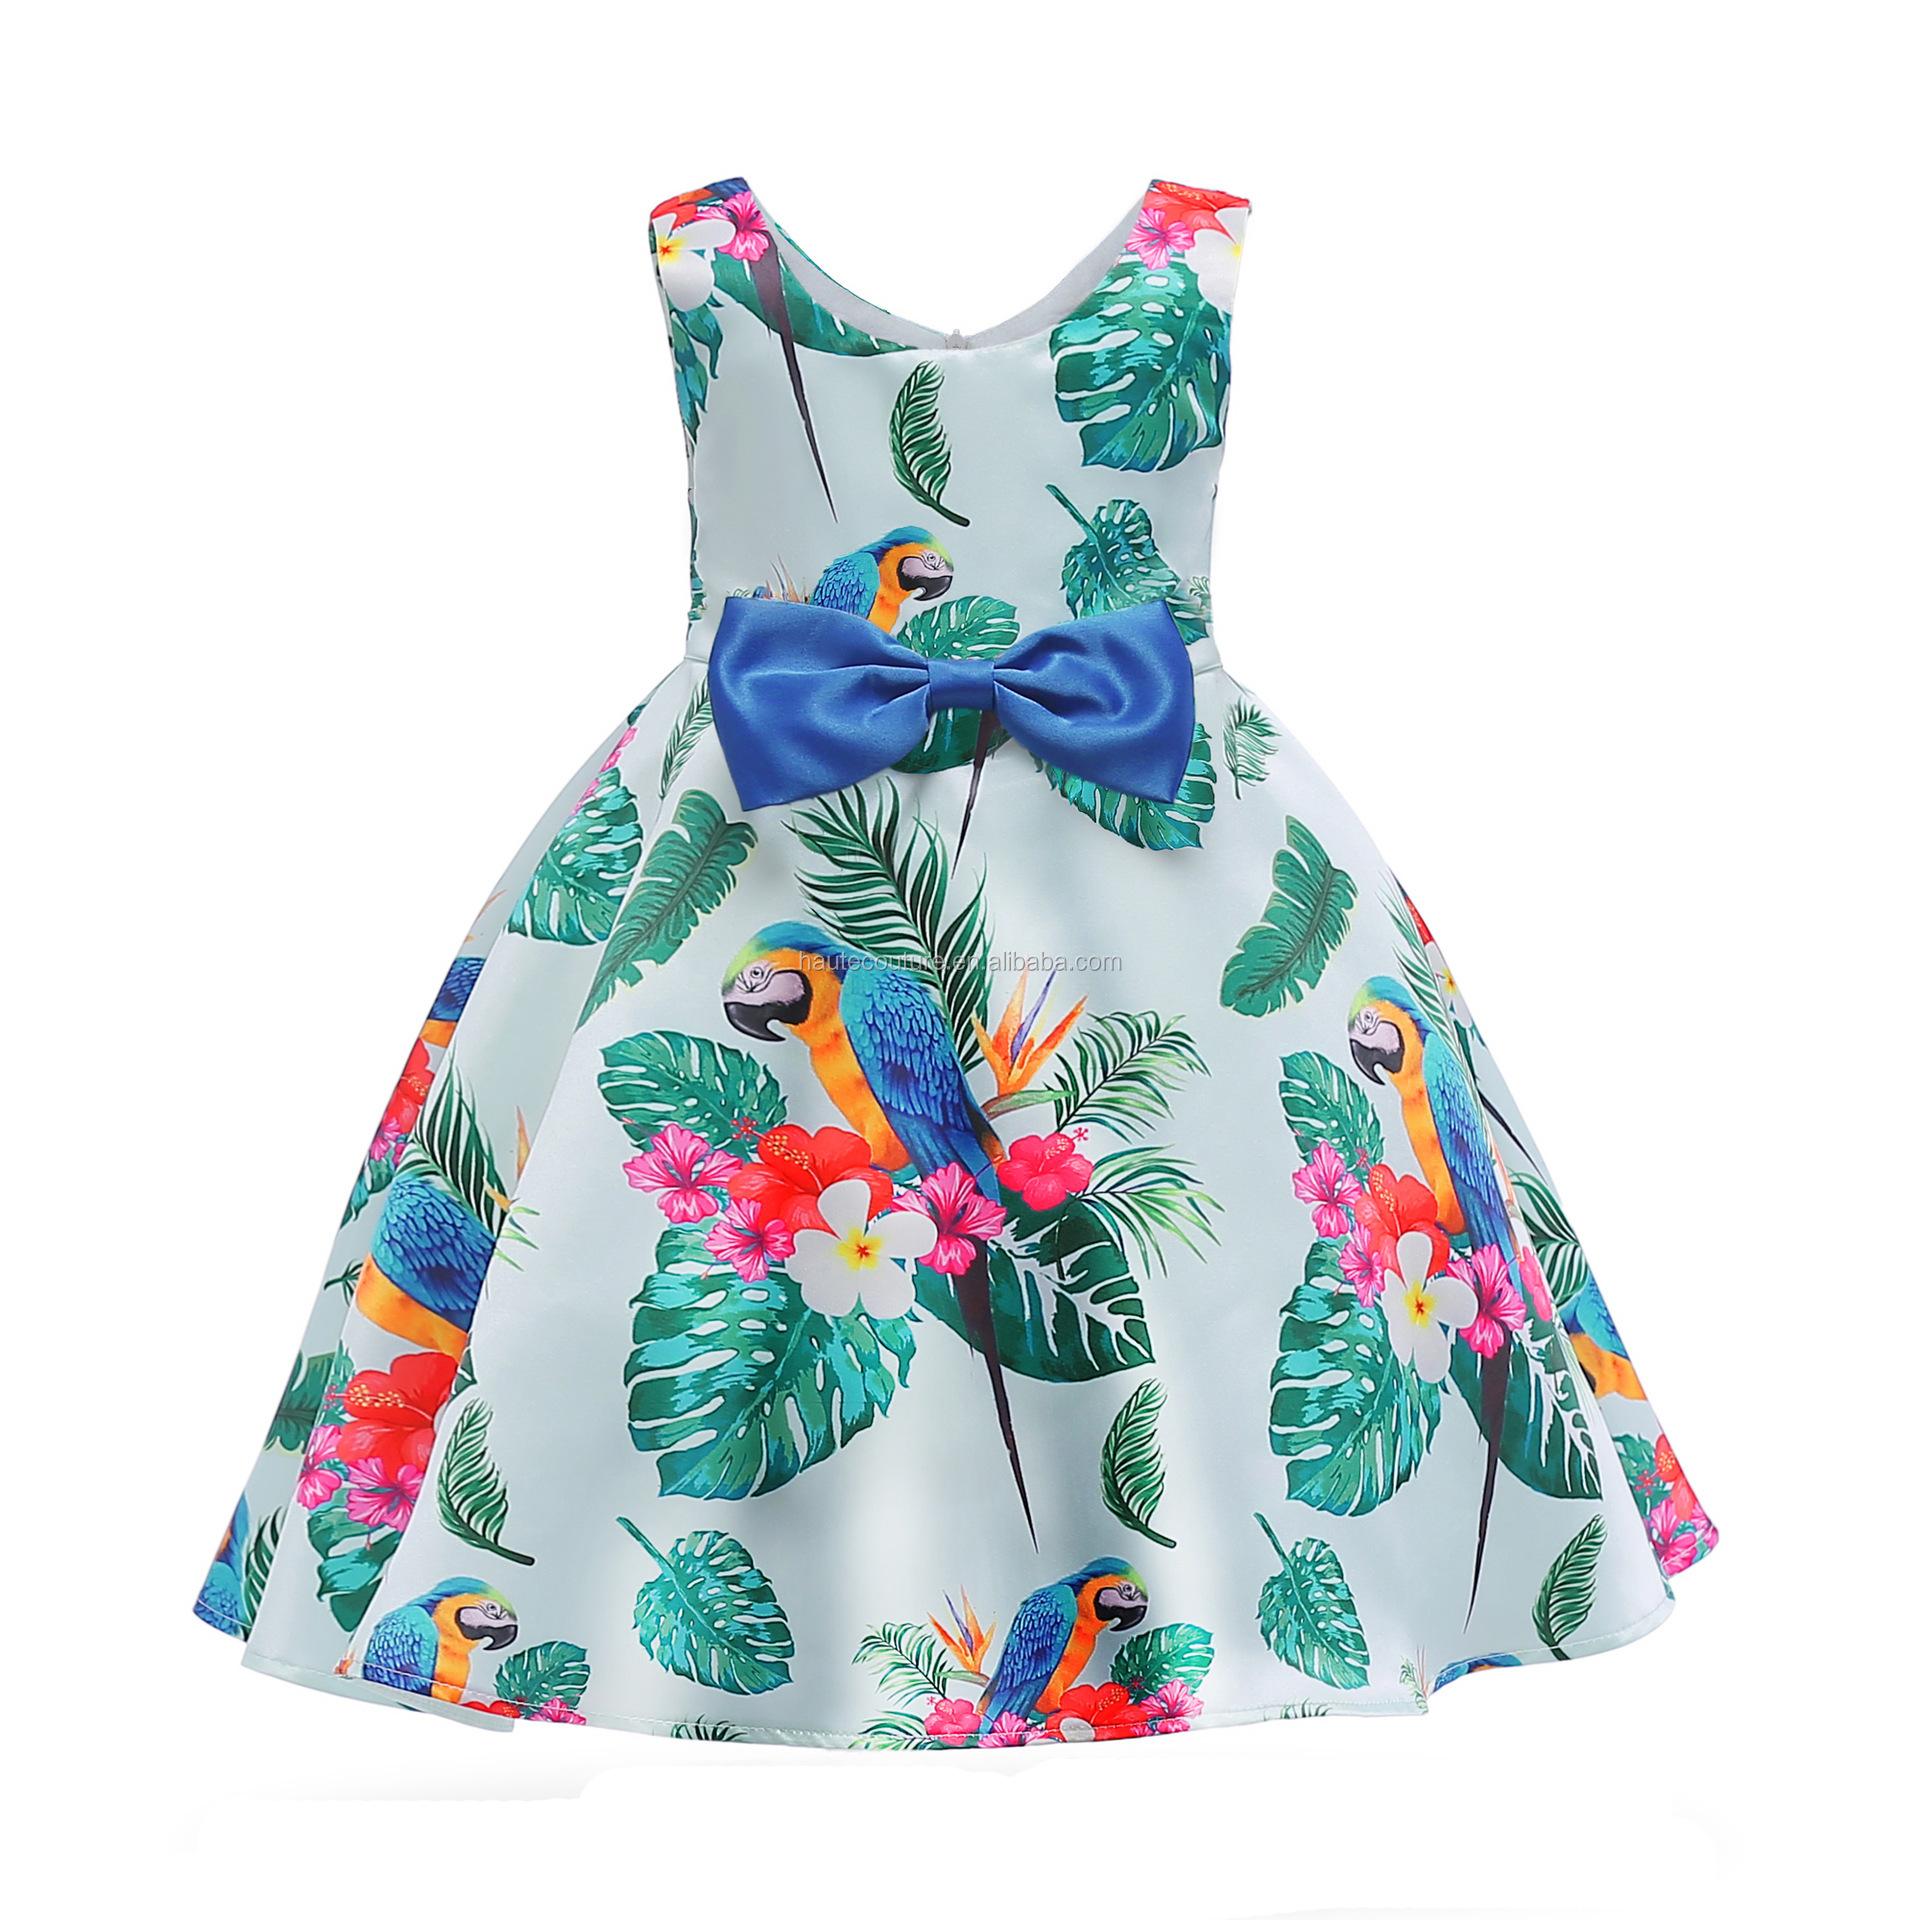 2019 Nuevo Diseño Niñas Casual Vestido De Verano Vestido Sin Mangas De La Longitud De La Rodilla Vestidos De Los Niños Verde Impreso Loro Vestido